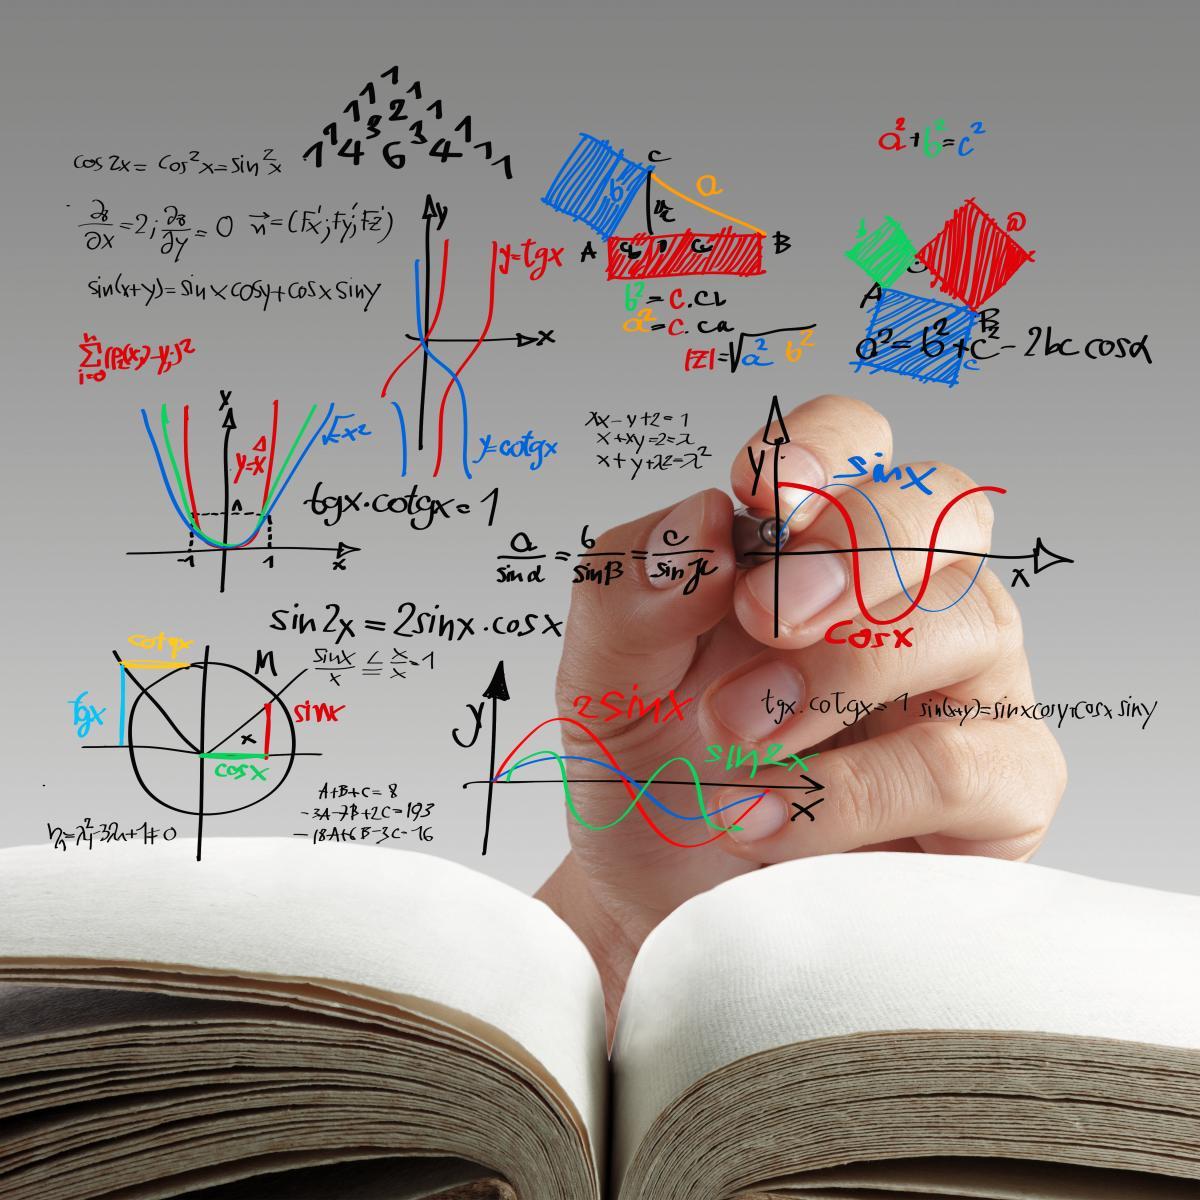 З травня 2021 здобувачі повної загальної середньої освіти будуть здавати обов'язкову атестацію з математики / depositphotos.com